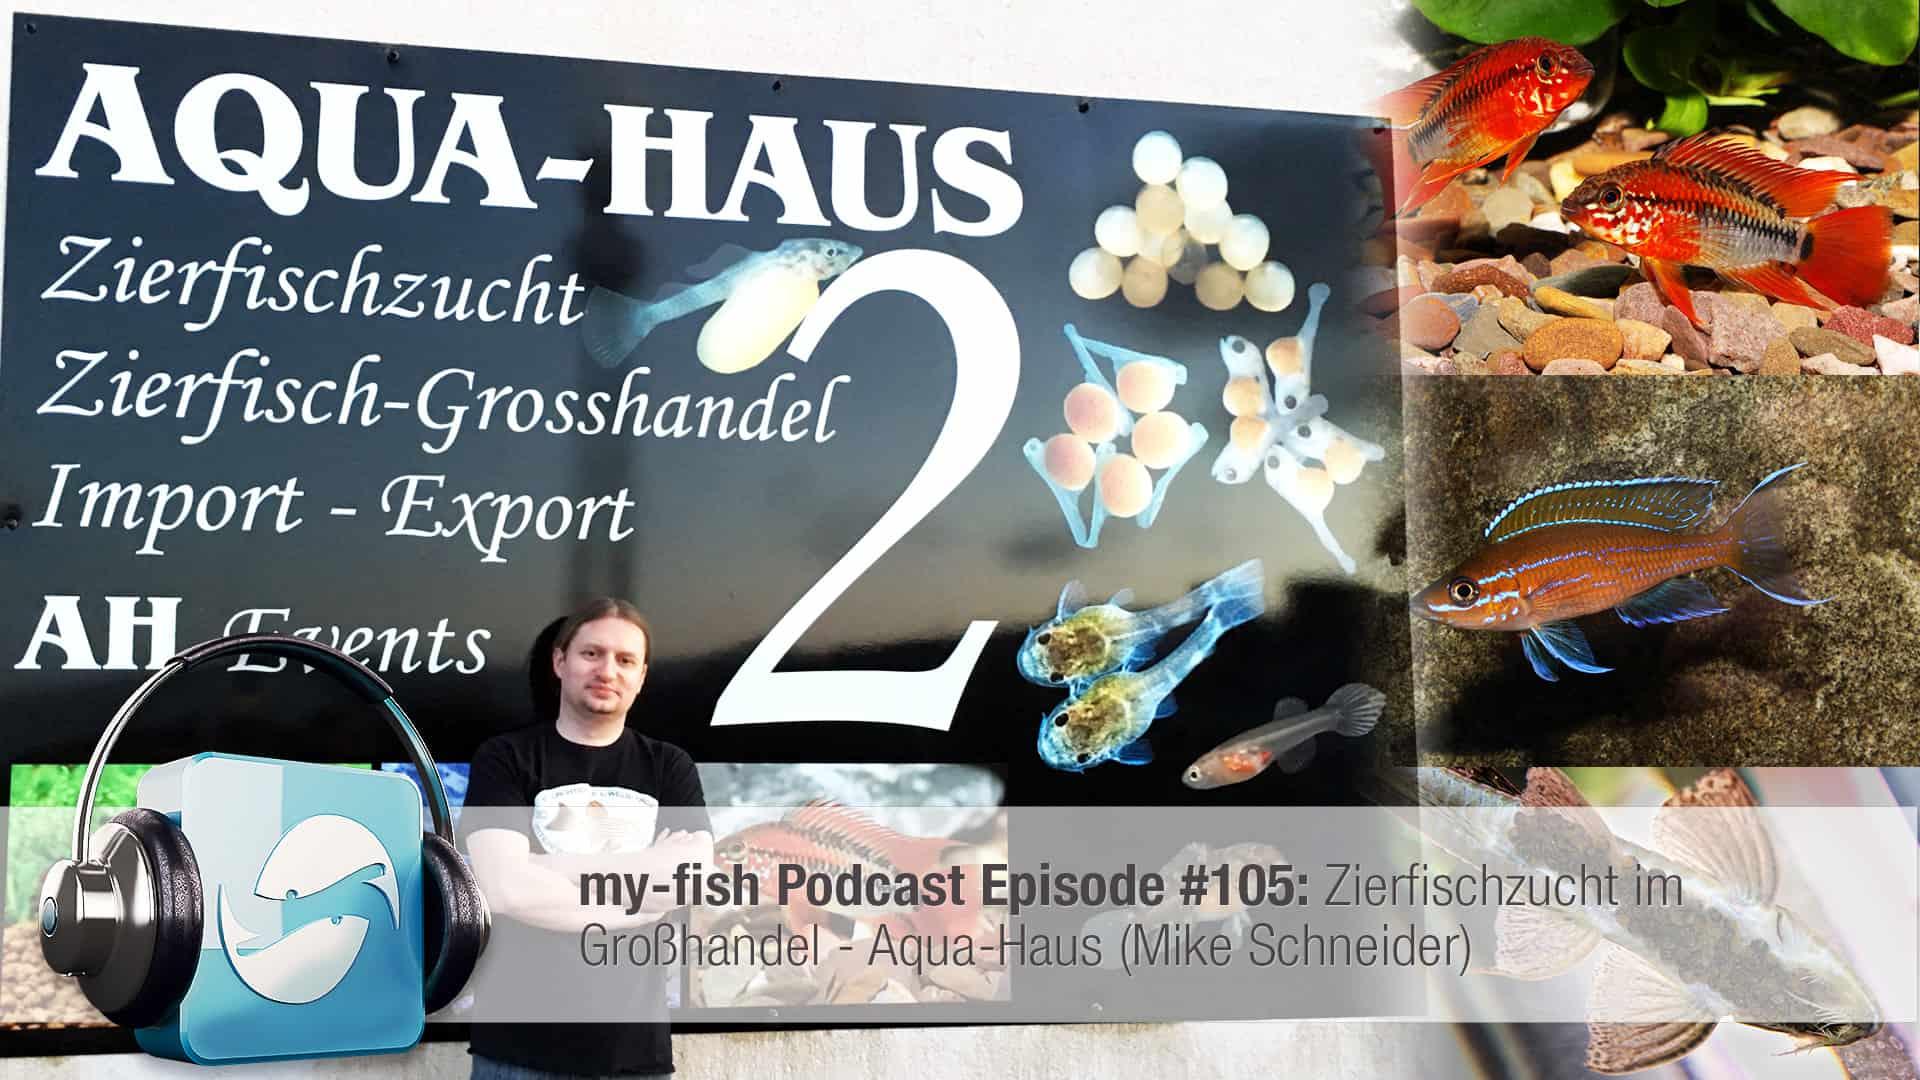 Podcast Episode #105: Zierfischzucht im Großhandel - Aqua-Haus (Mike Schneider) 1